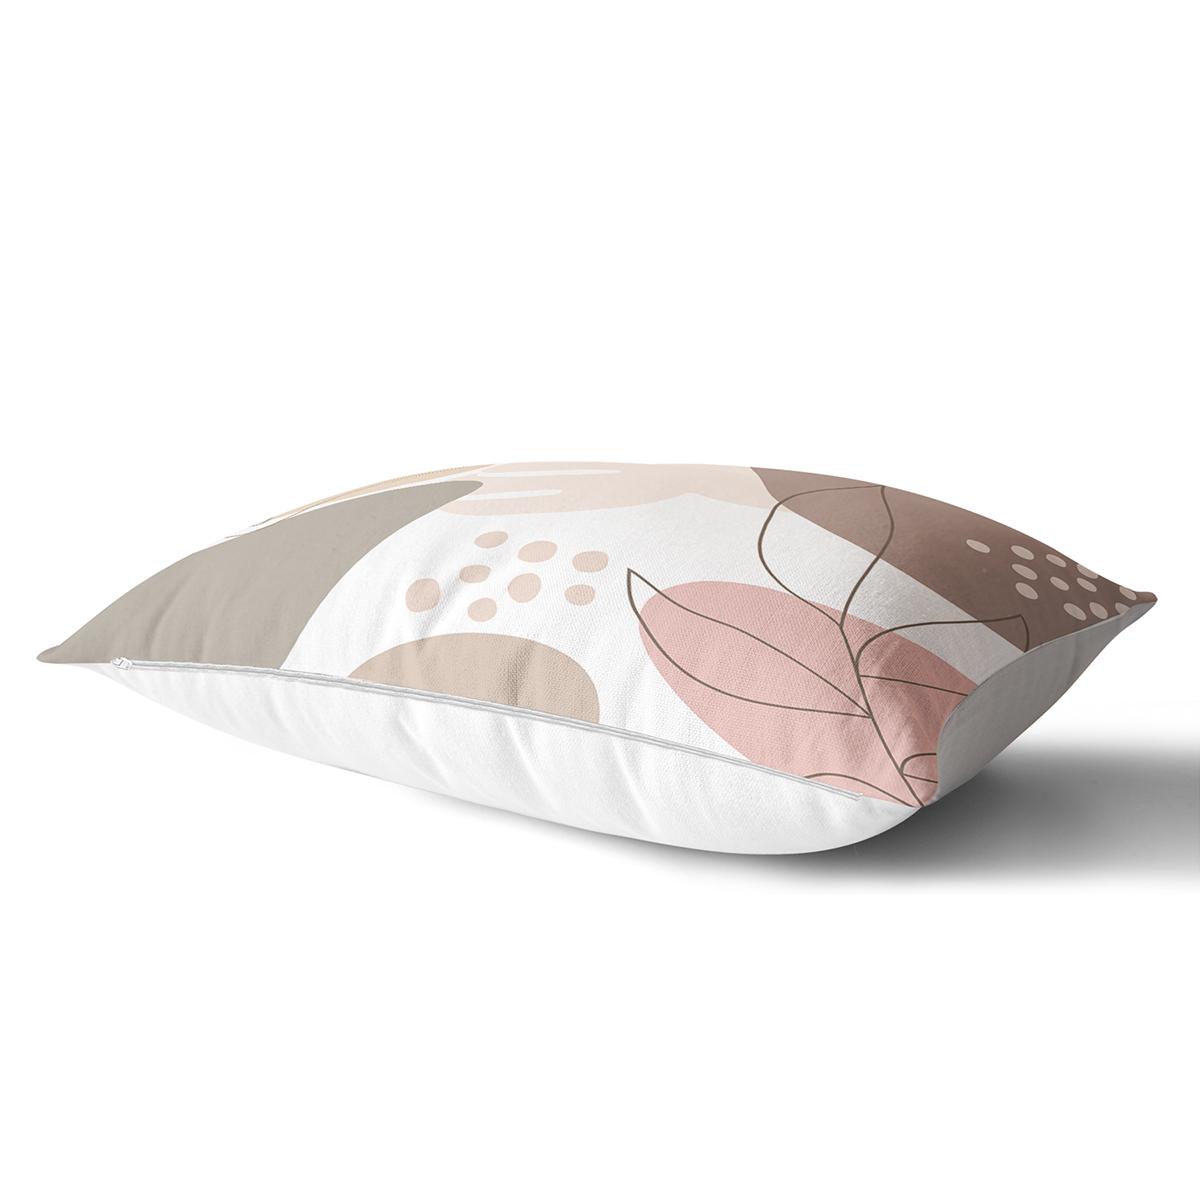 Beyaz Zemin Üzerinde Pastel Renkli Yaprak Desenli Modern Dikdörtgen Yastık Kırlent Kılıfı Realhomes